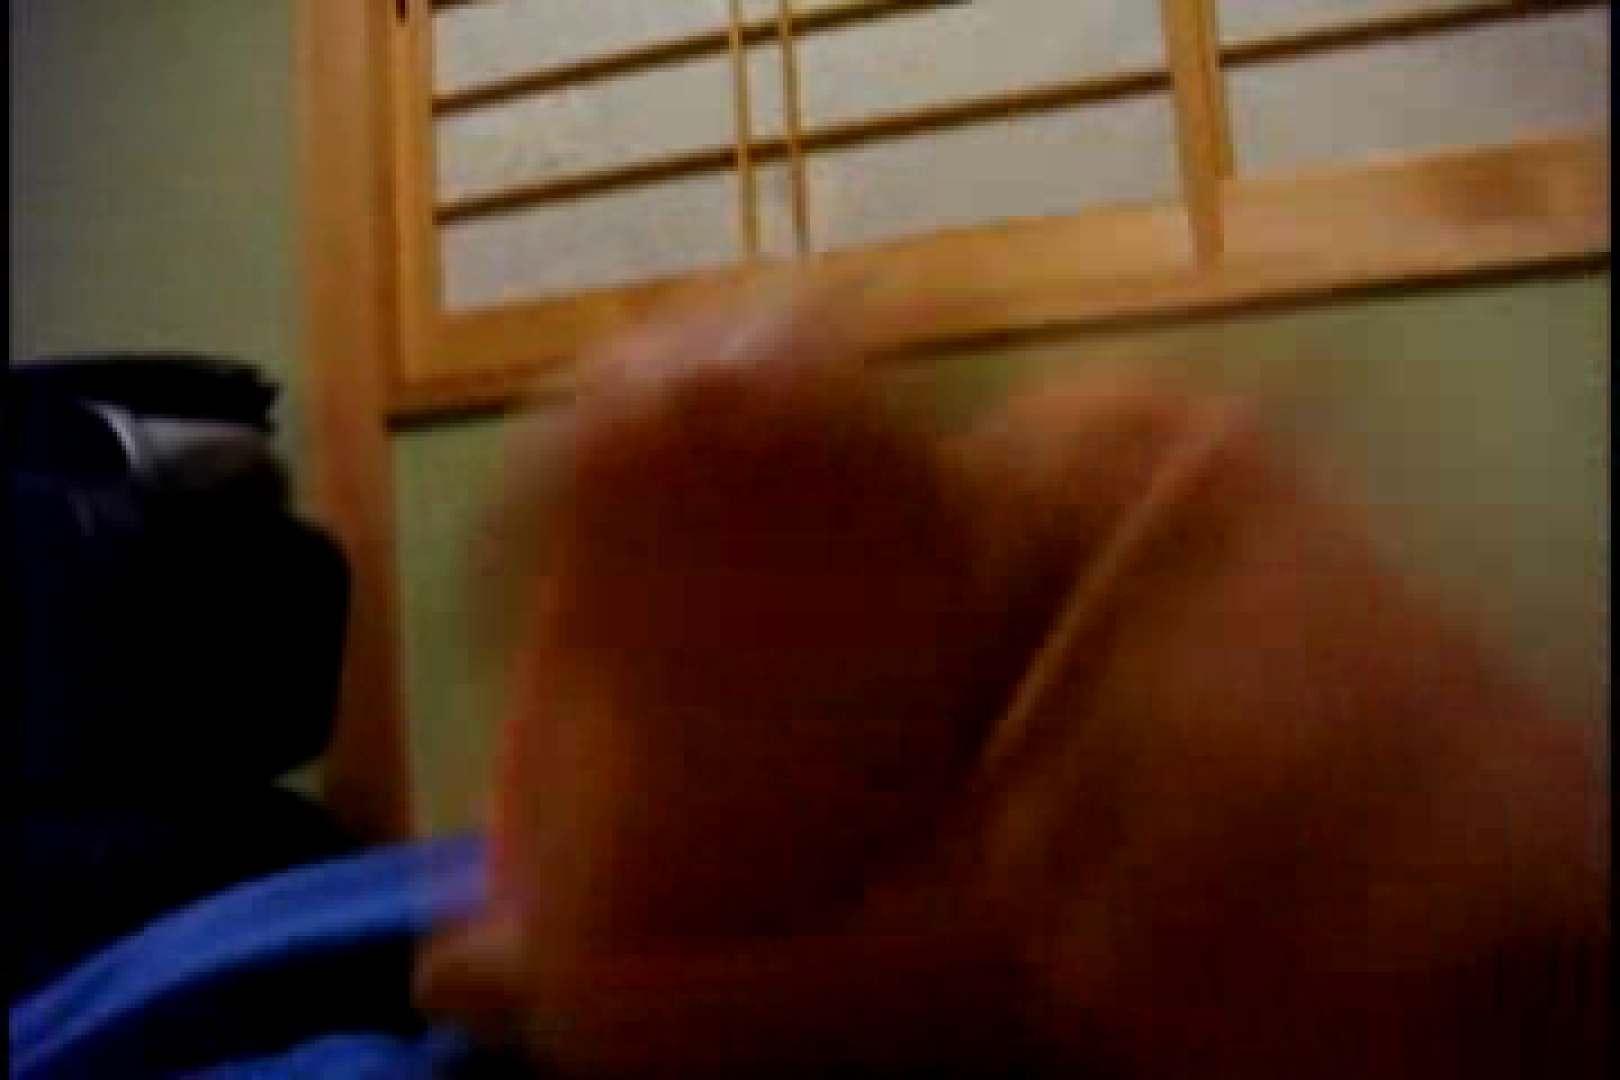 オナ好きノンケテニス部員の自画撮り投稿vol.02 投稿 | ゲイのオナニー映像  102枚 66